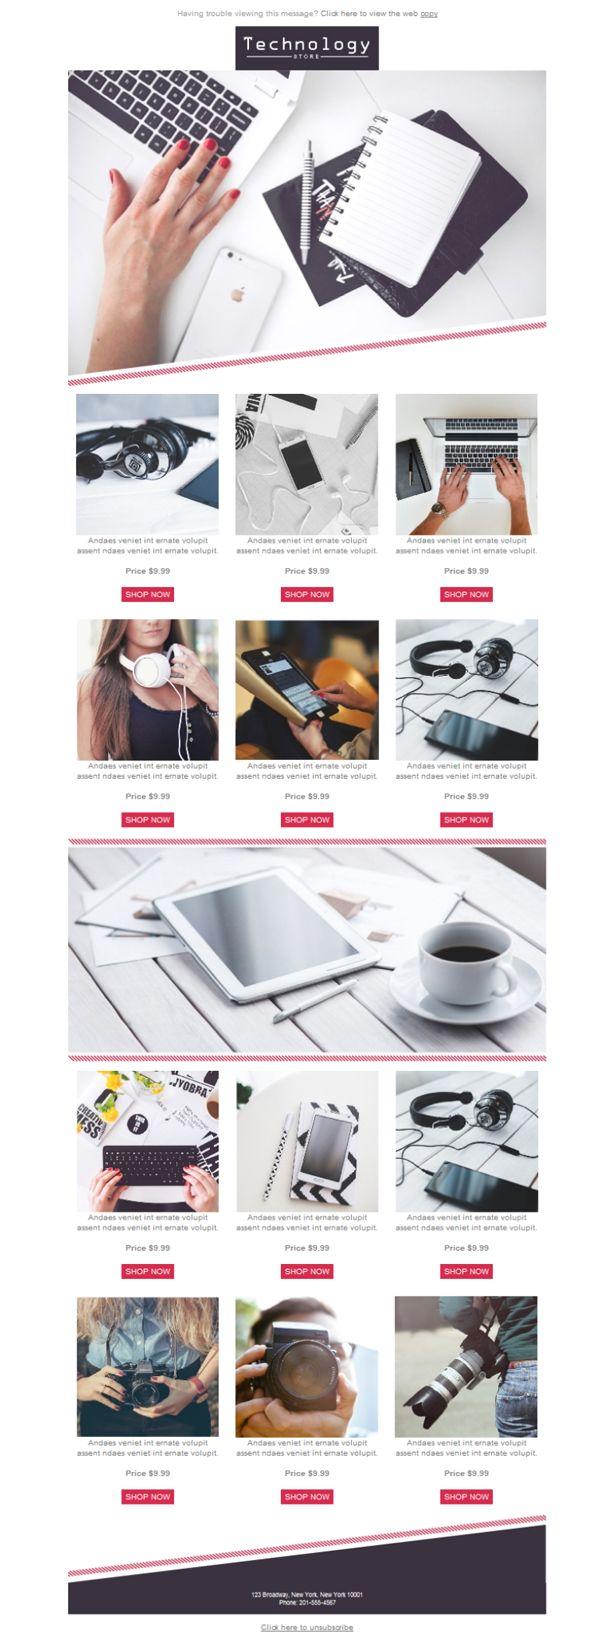 ¿Tienes una tienda de venta minorista especializada en tecnología? Pues has caído en el mejor sitio, porque aquí encontrarás diseños para tus plantillas newsletter.